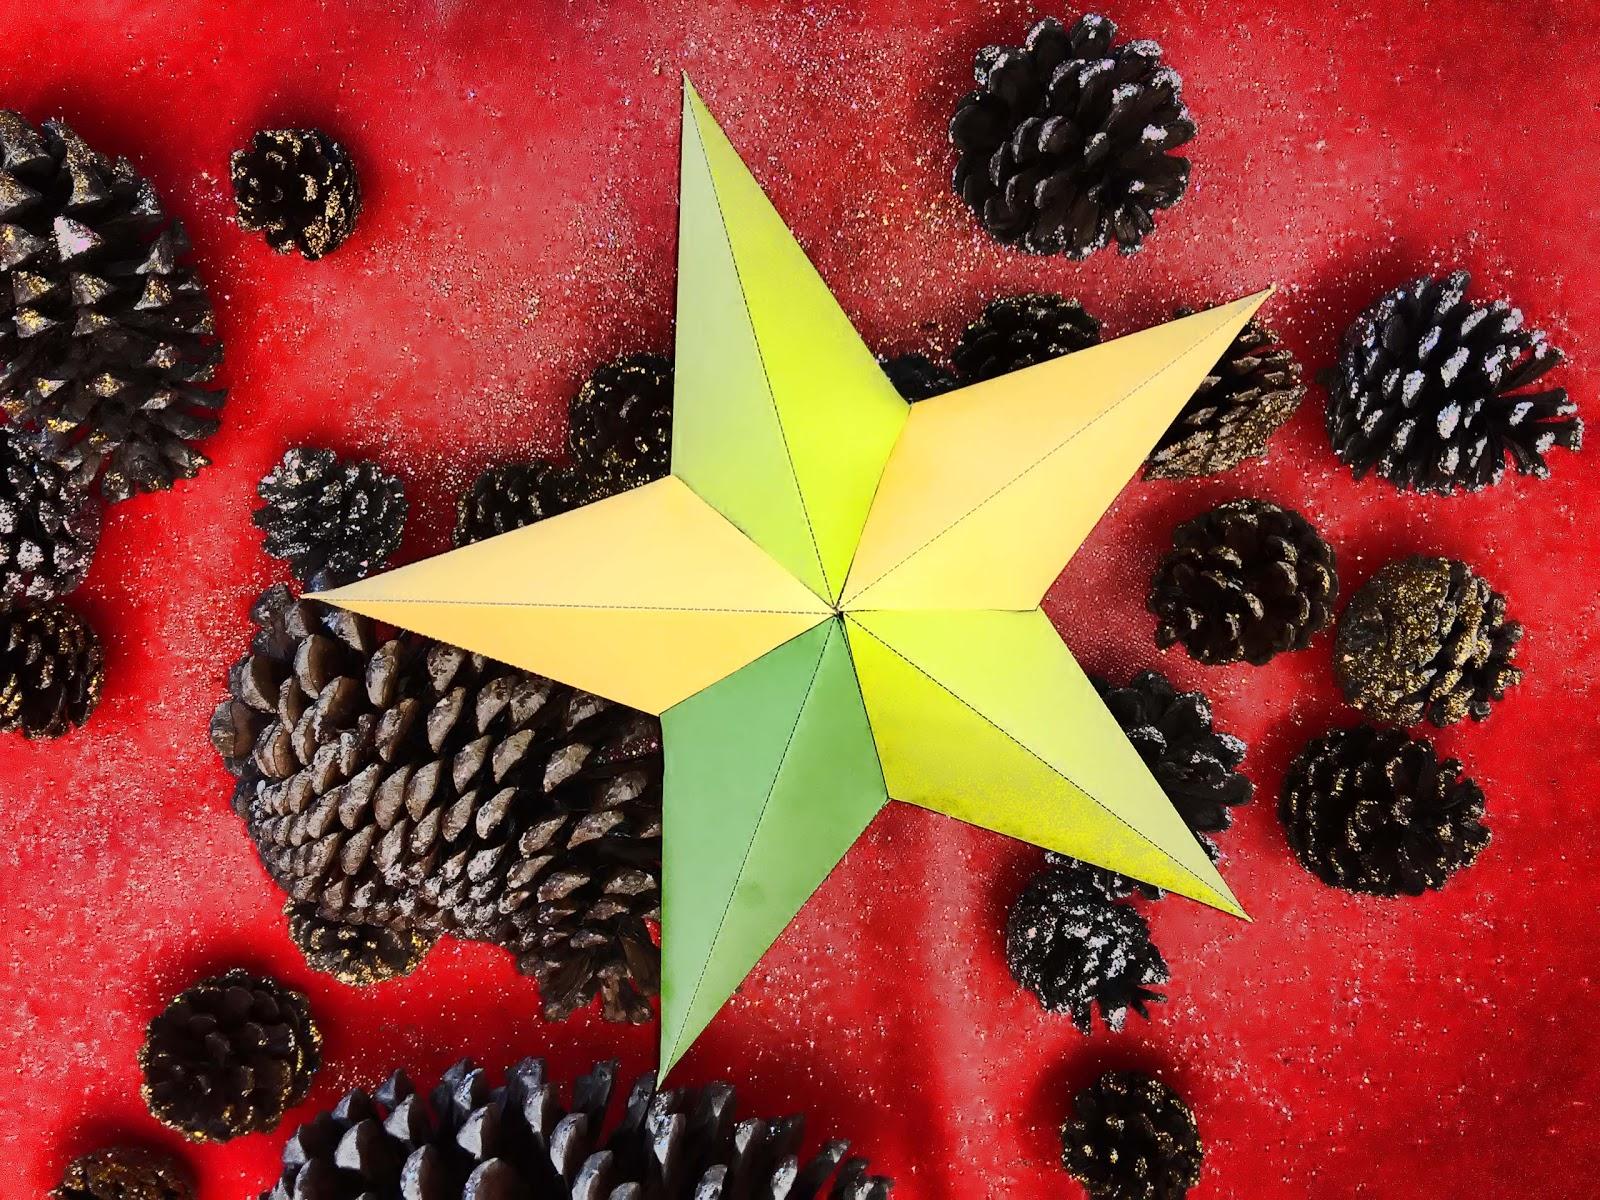 Plantillas Estrellas Para Decorar.Plantilla Para Estrellas 3d